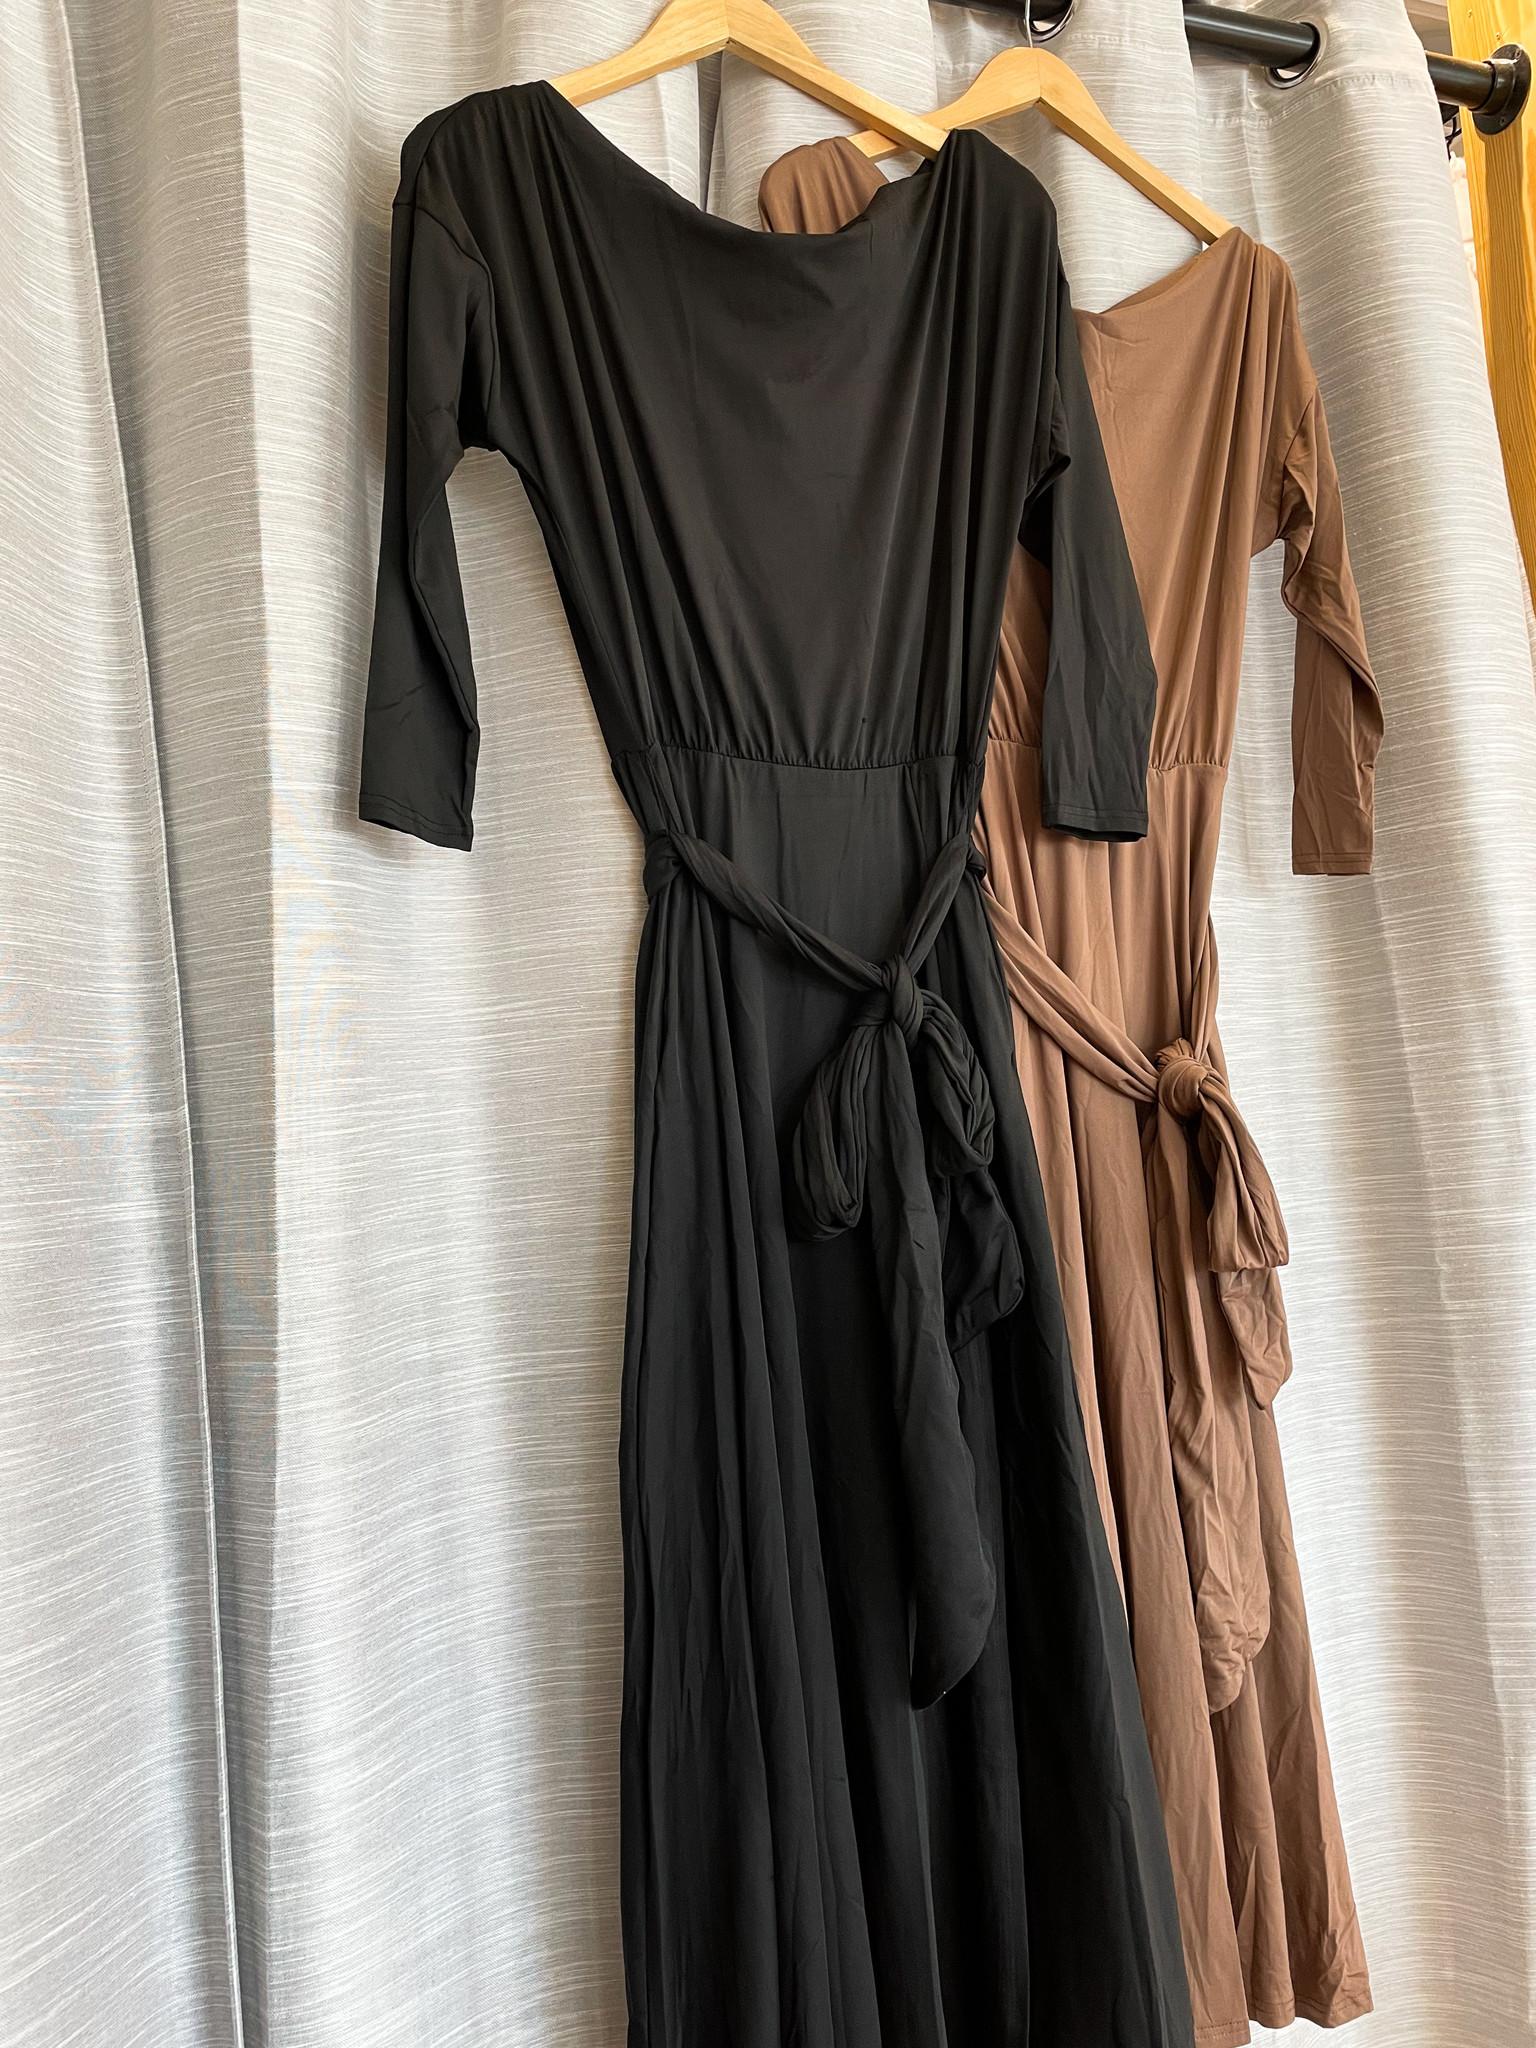 One Shoulder Stretch Dress w/ Tie Waist